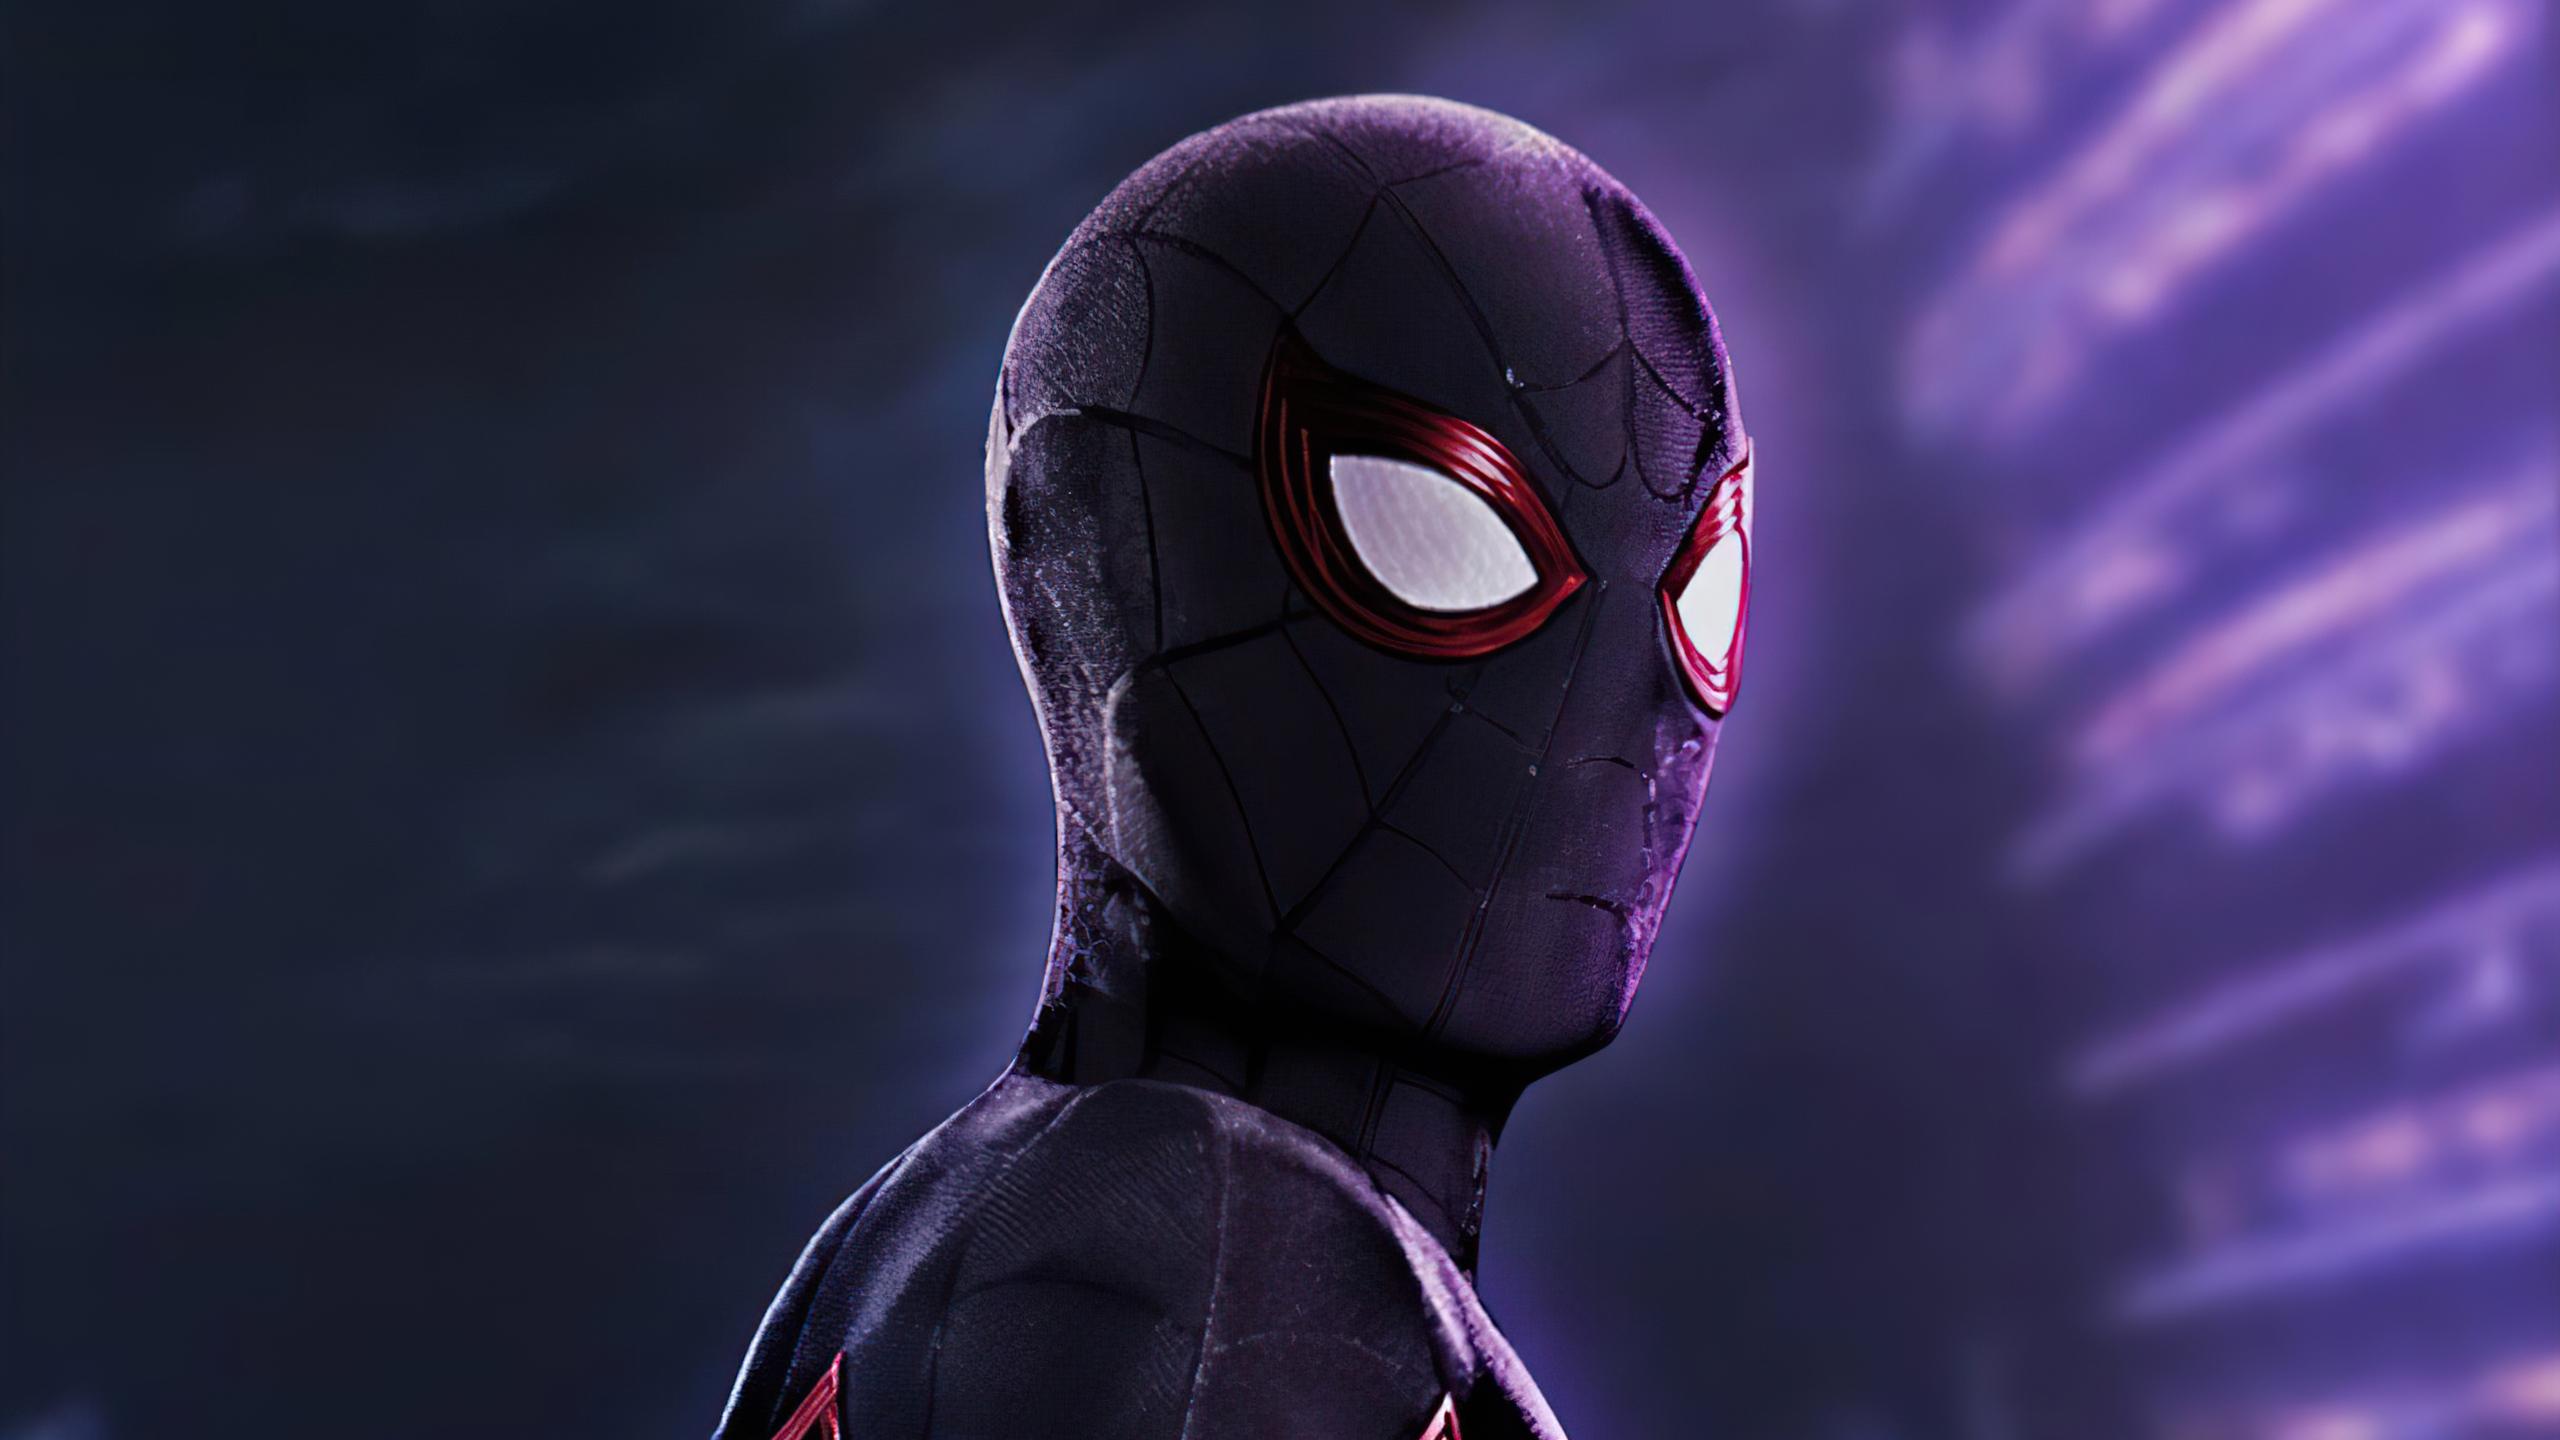 2560x1440 Black Spider Man 2020 4k 1440P Resolution HD 4k ...